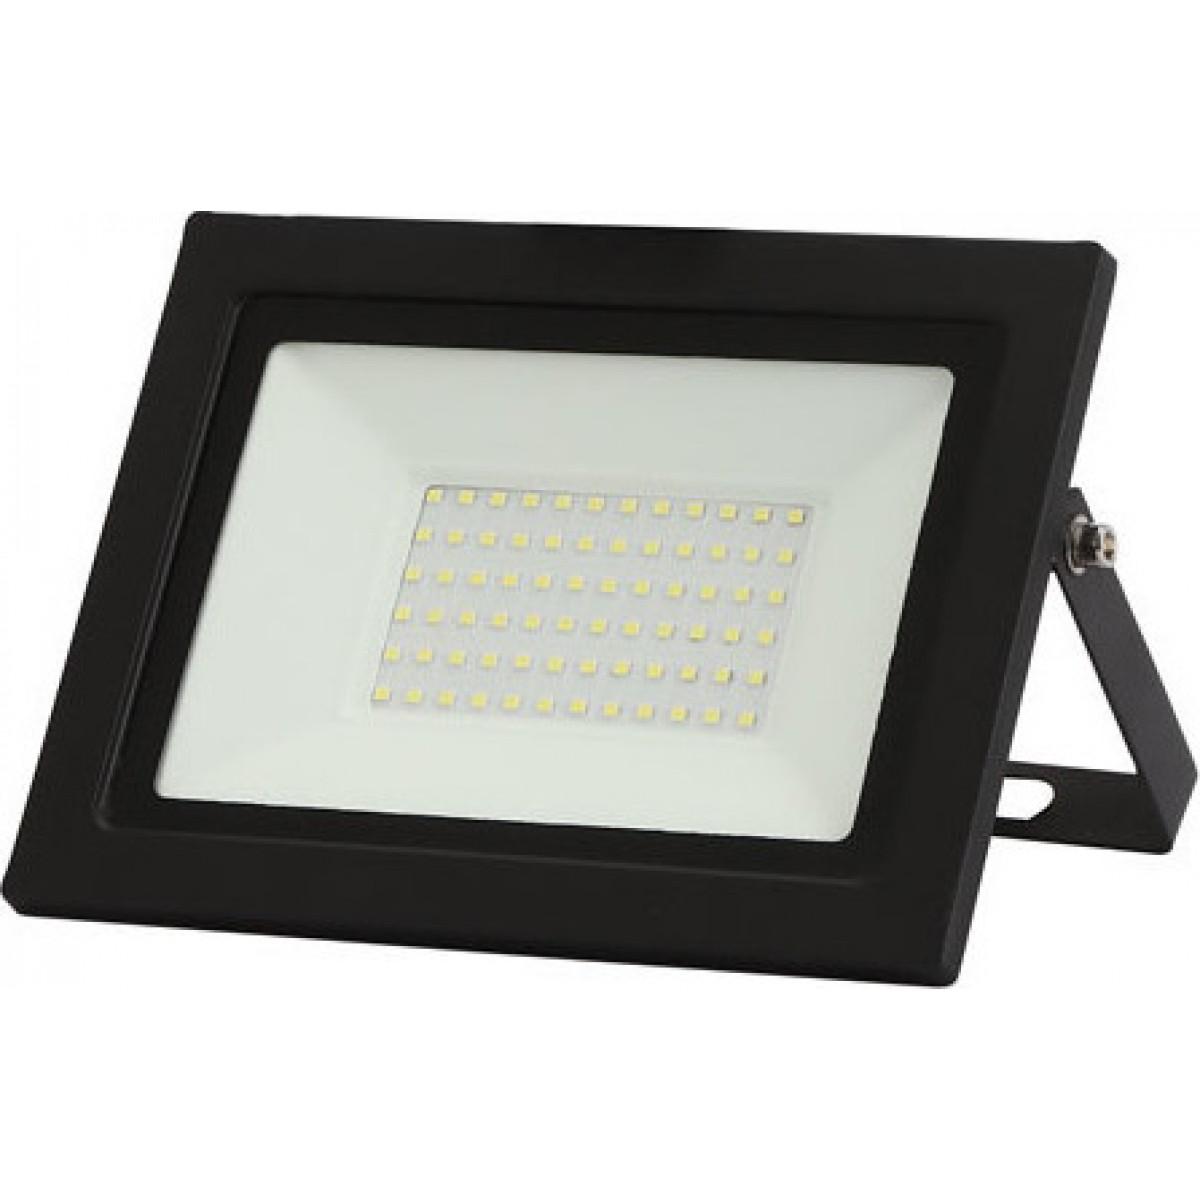 Προβολέας LED BORMANN 10W BLF1000 Προβολέας LED BORMANN 50W BLF1300